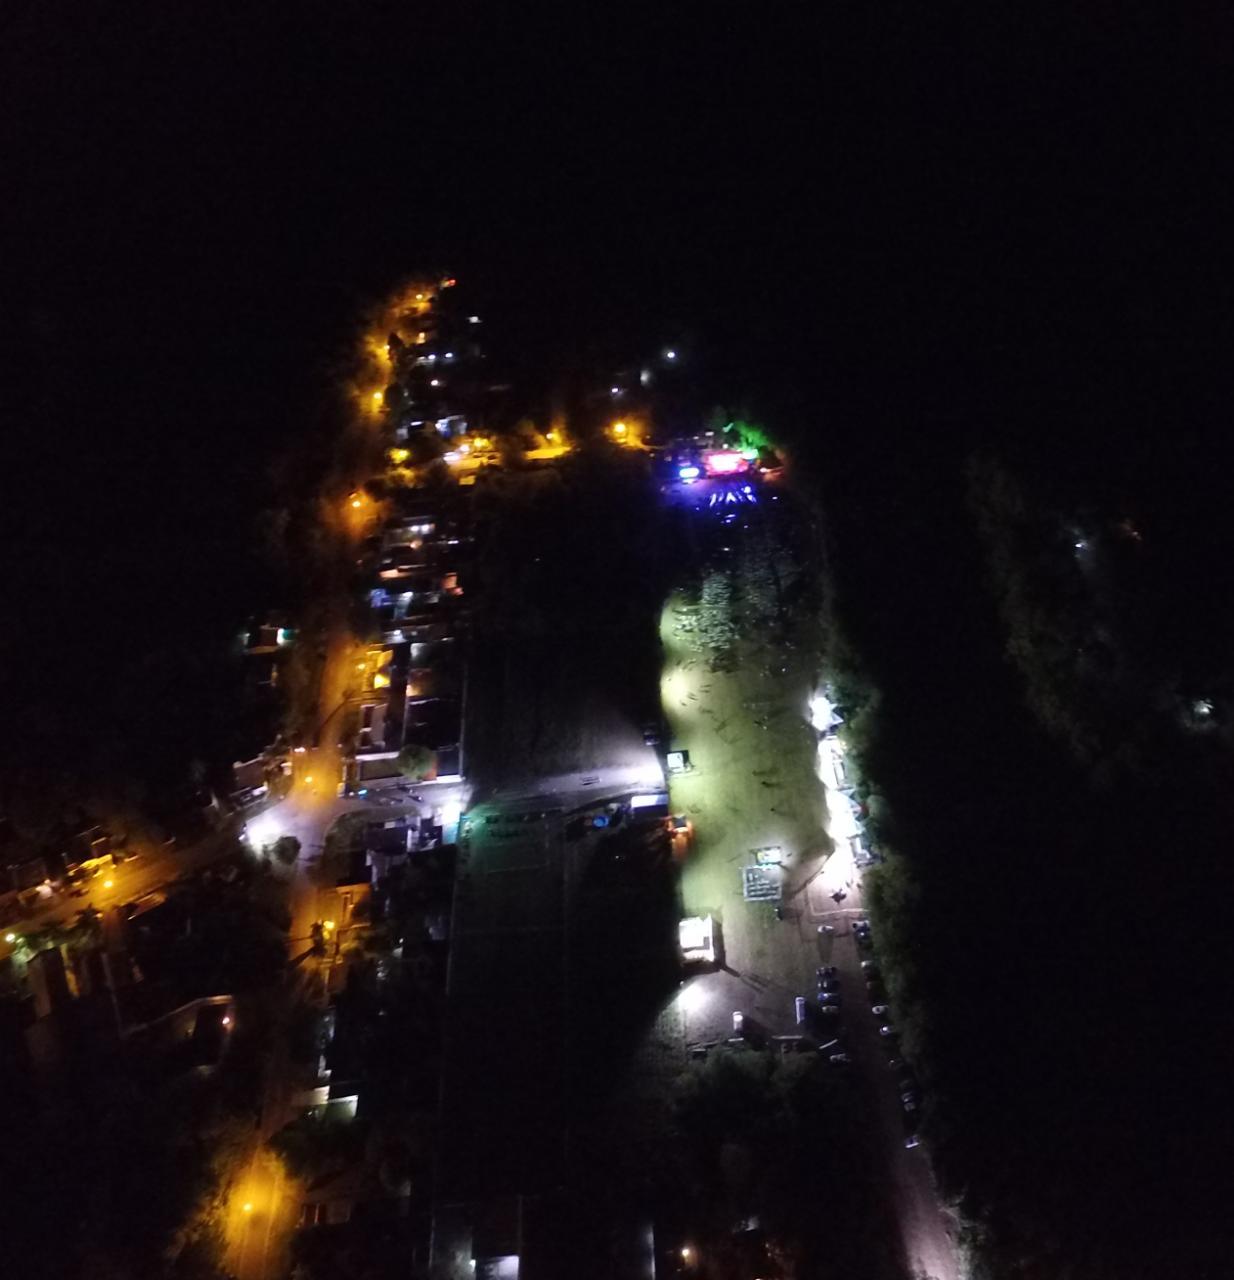 Imagen aerea en el final de la ultima noche. Nuestro barrio humilde de la zona sur de Parana